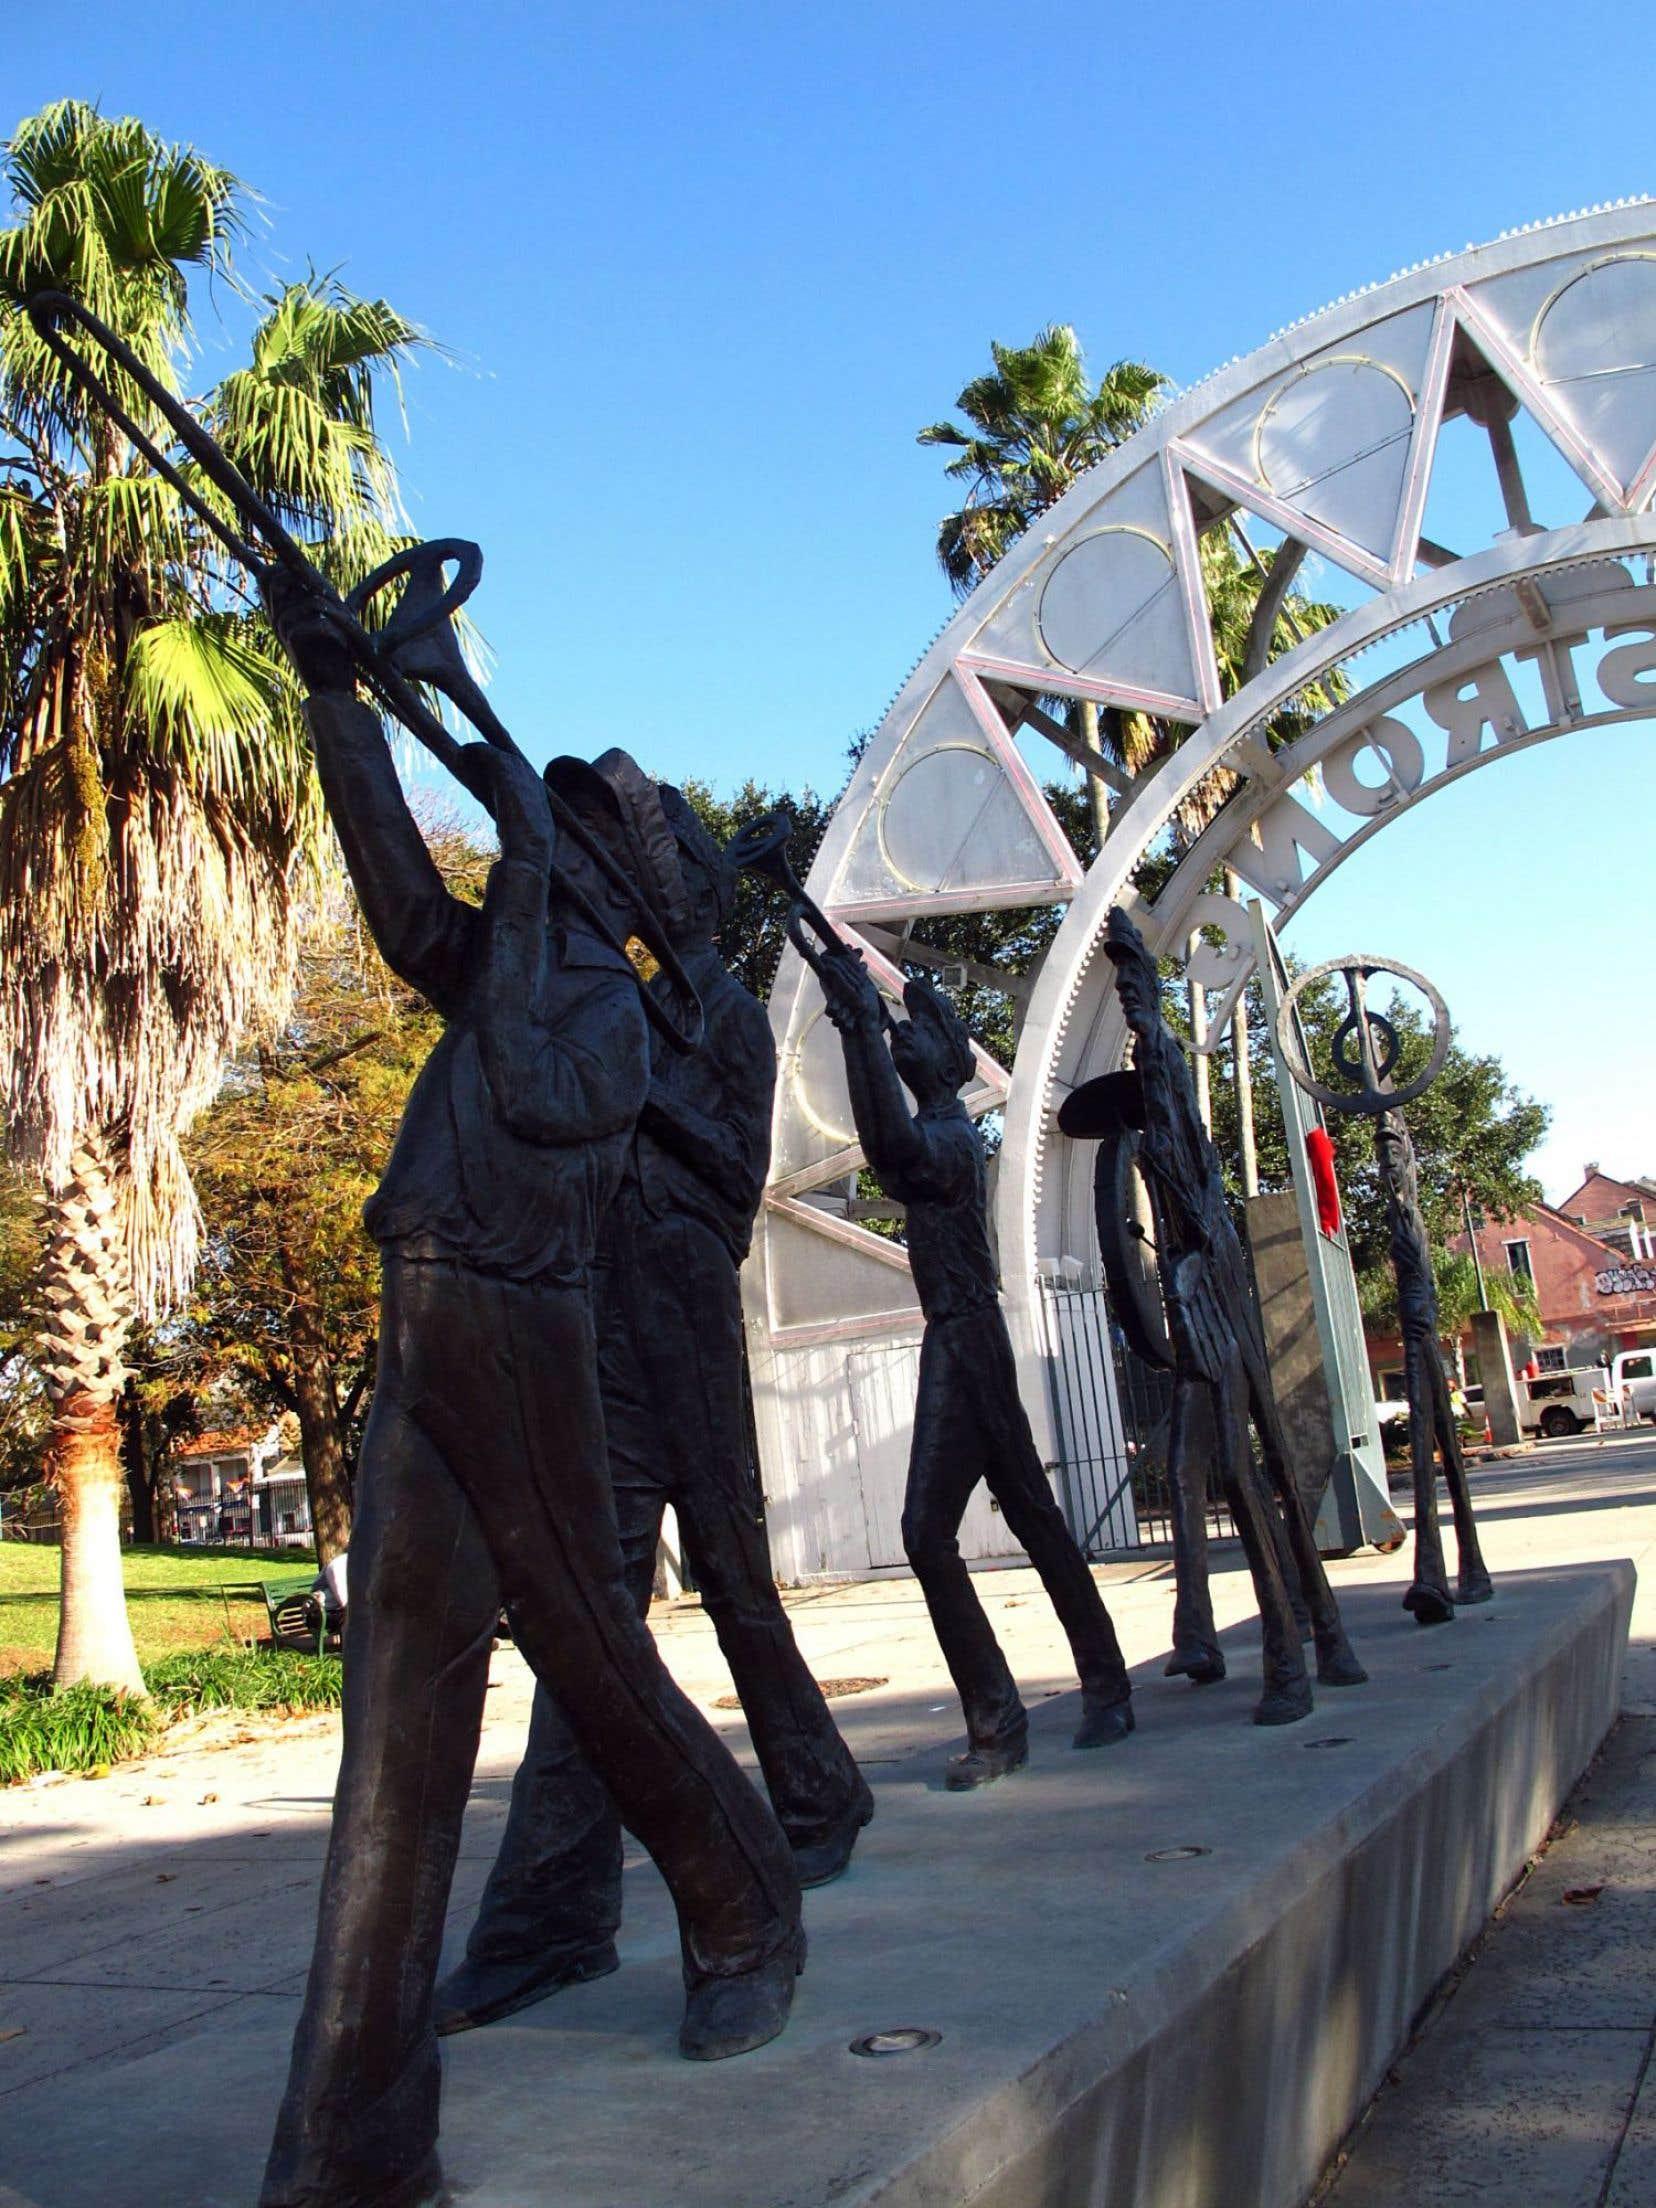 Le beau parc Louis Armstrong est sur le site d'un ancien lieu de rassemblement des esclaves. Ici, les chants de joie et de désespoir sont souvent liés.